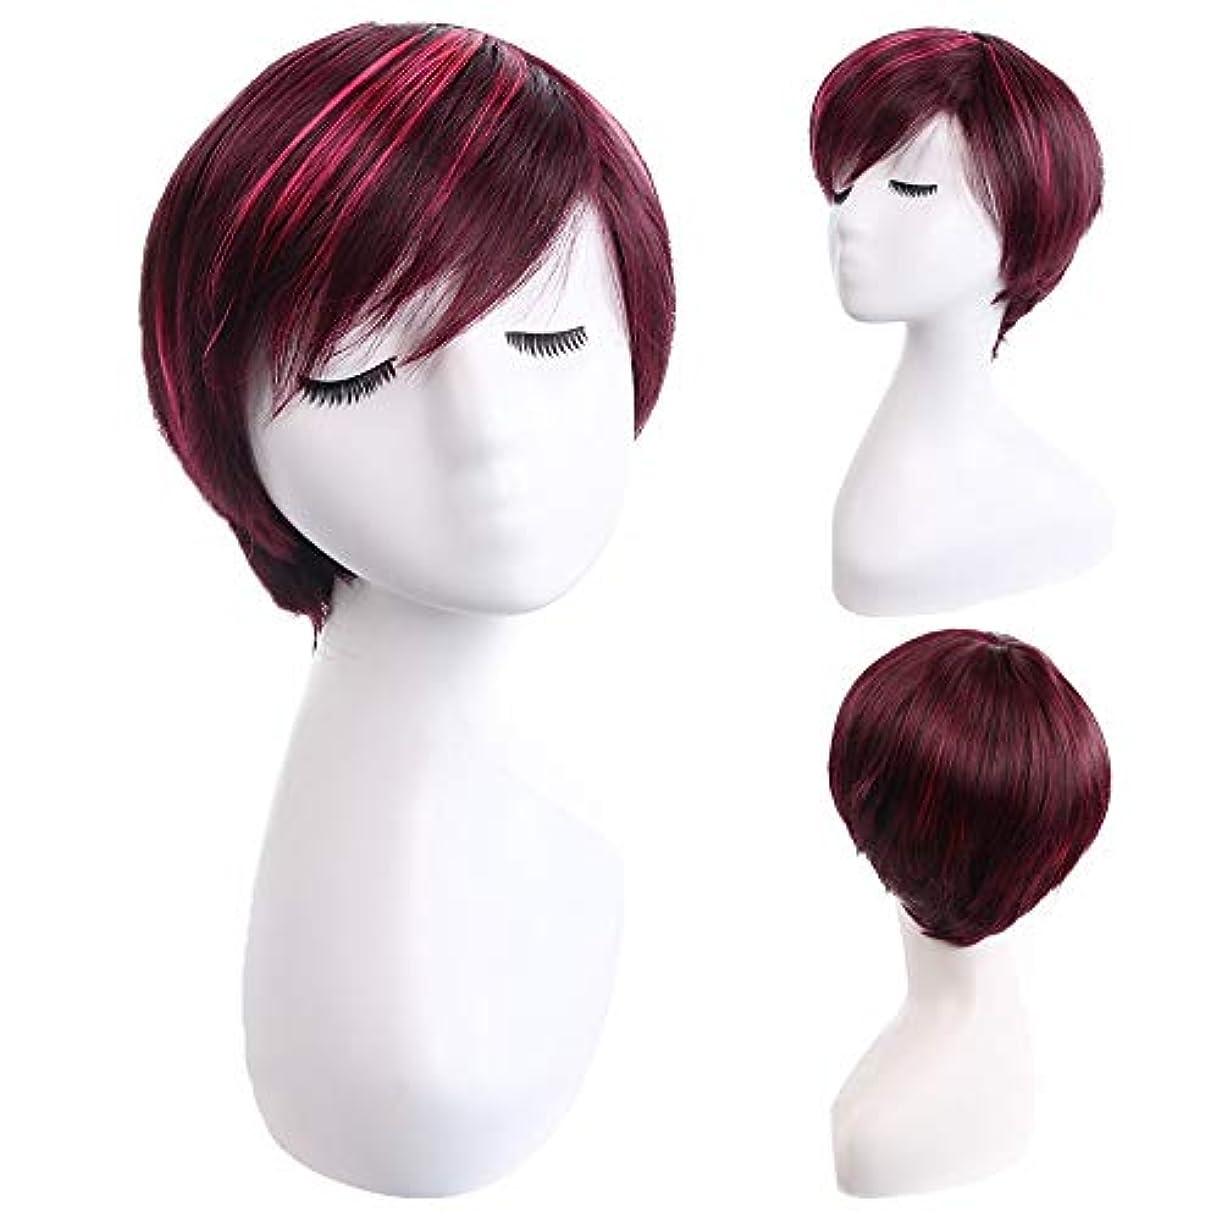 速い真実にモジュール女性用ブルゴーニュショートレイヤーネイチャーヘアウィッグ前髪合成フルヘアウィッグ女性用ハロウィンコスプレパーティーウィッグ